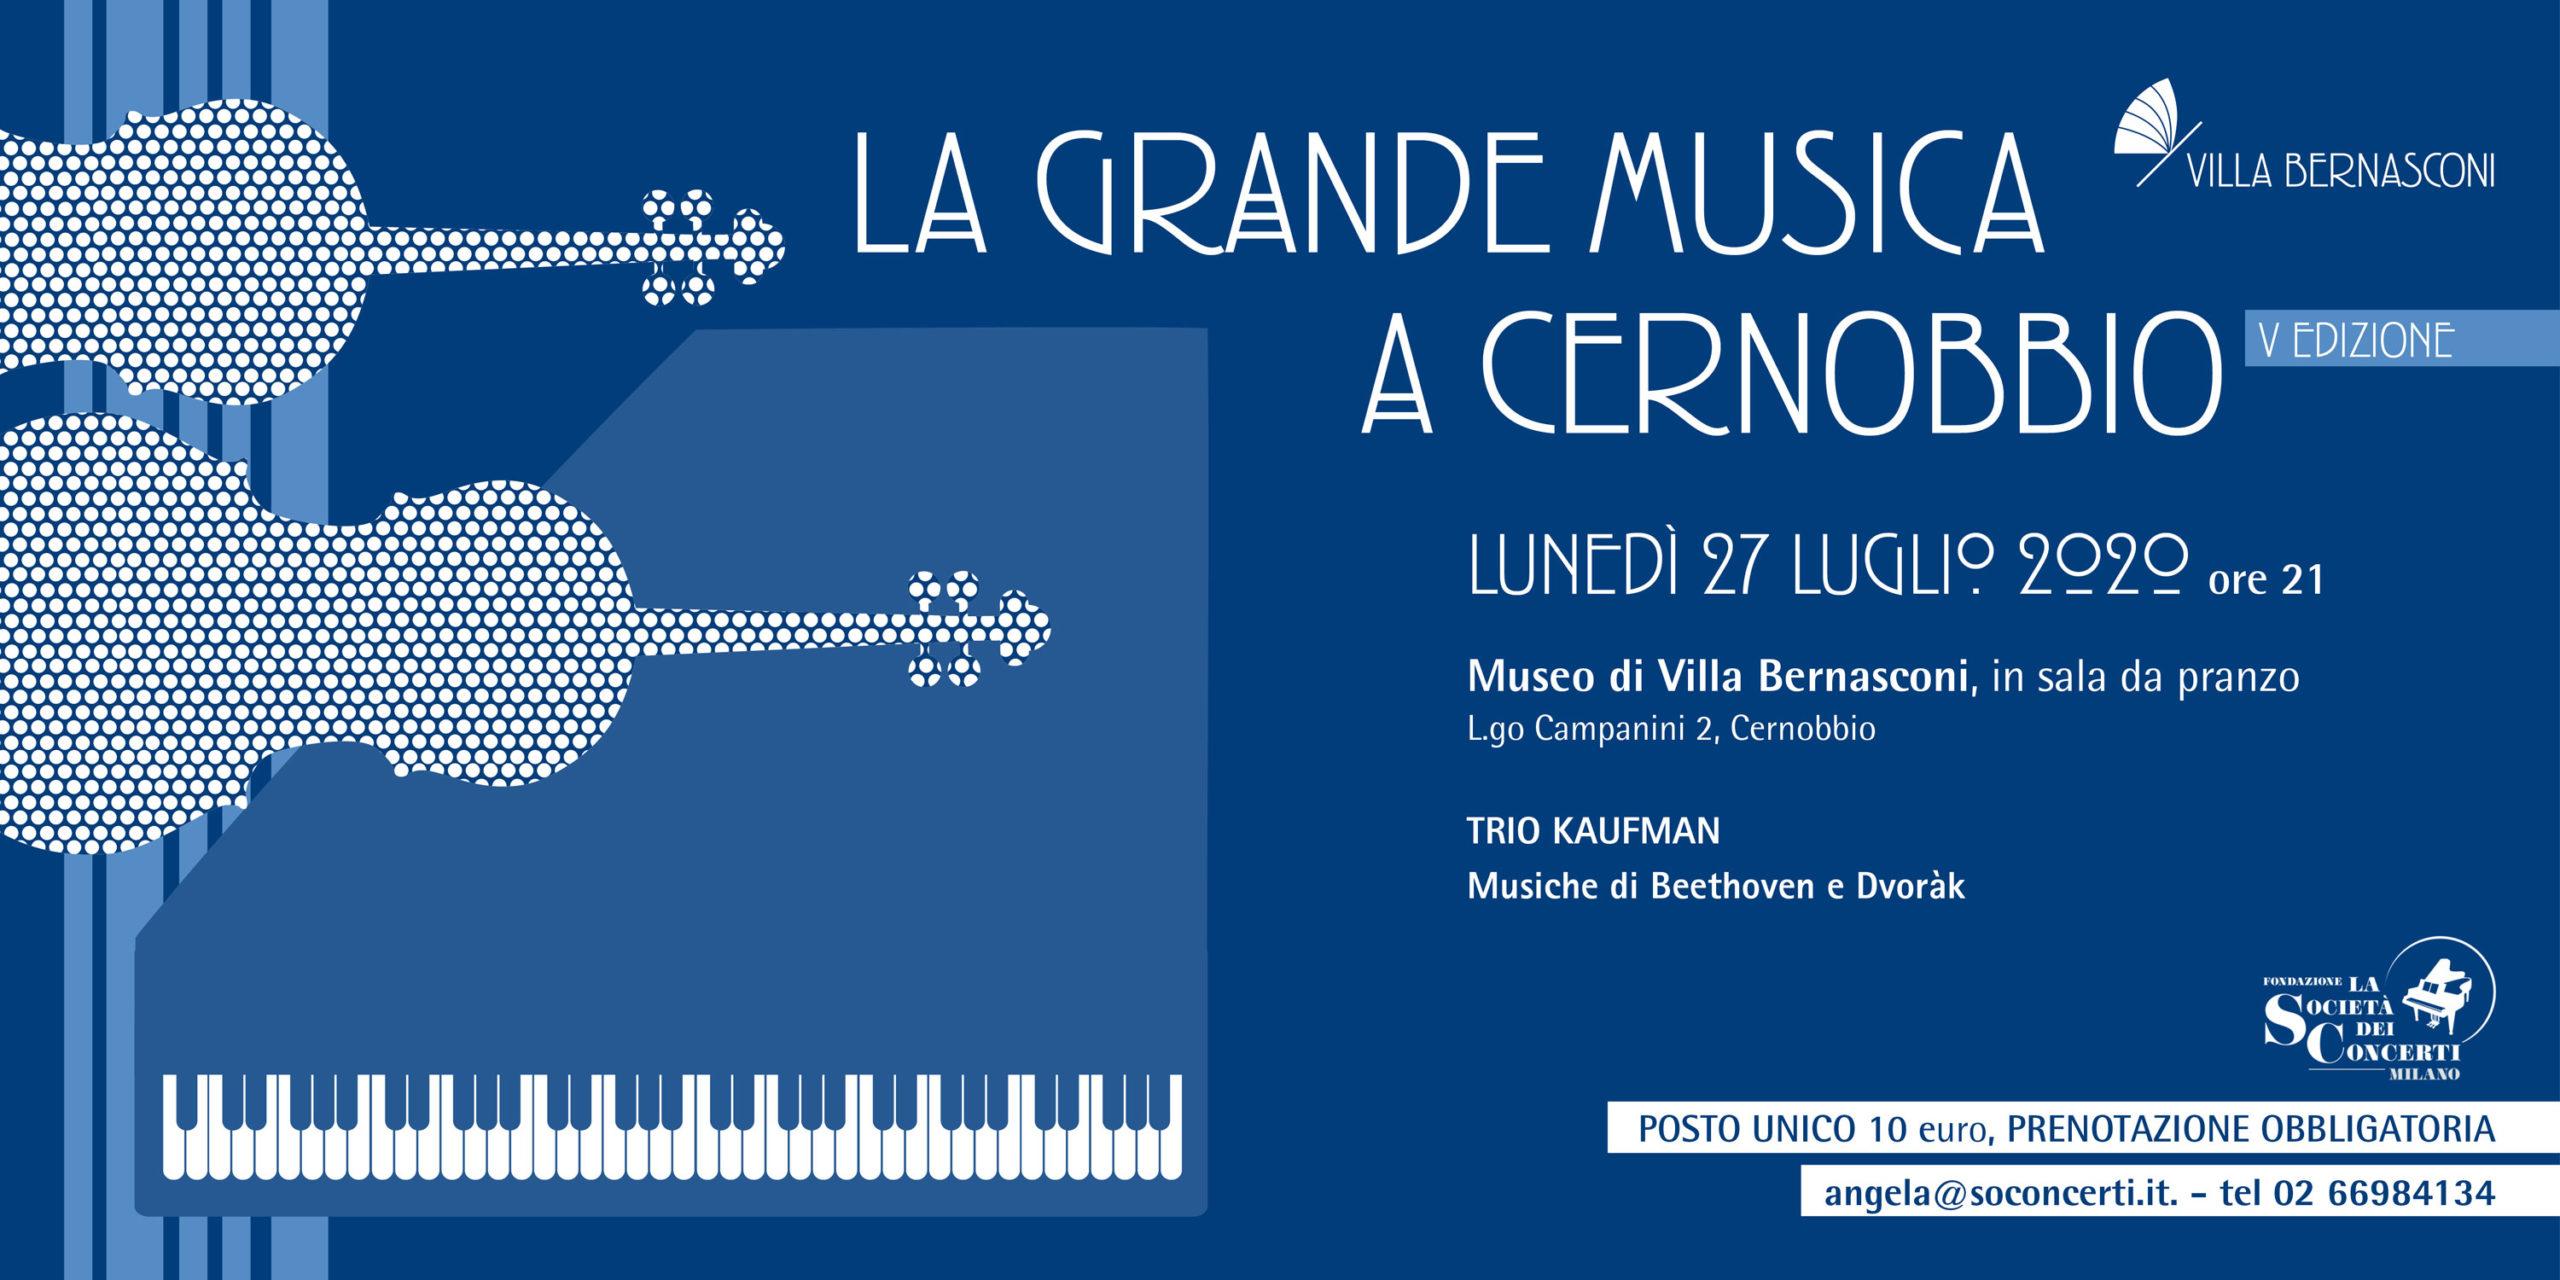 LA GRANDE MUSICA A CERNOBBIO – V EDIZIONE